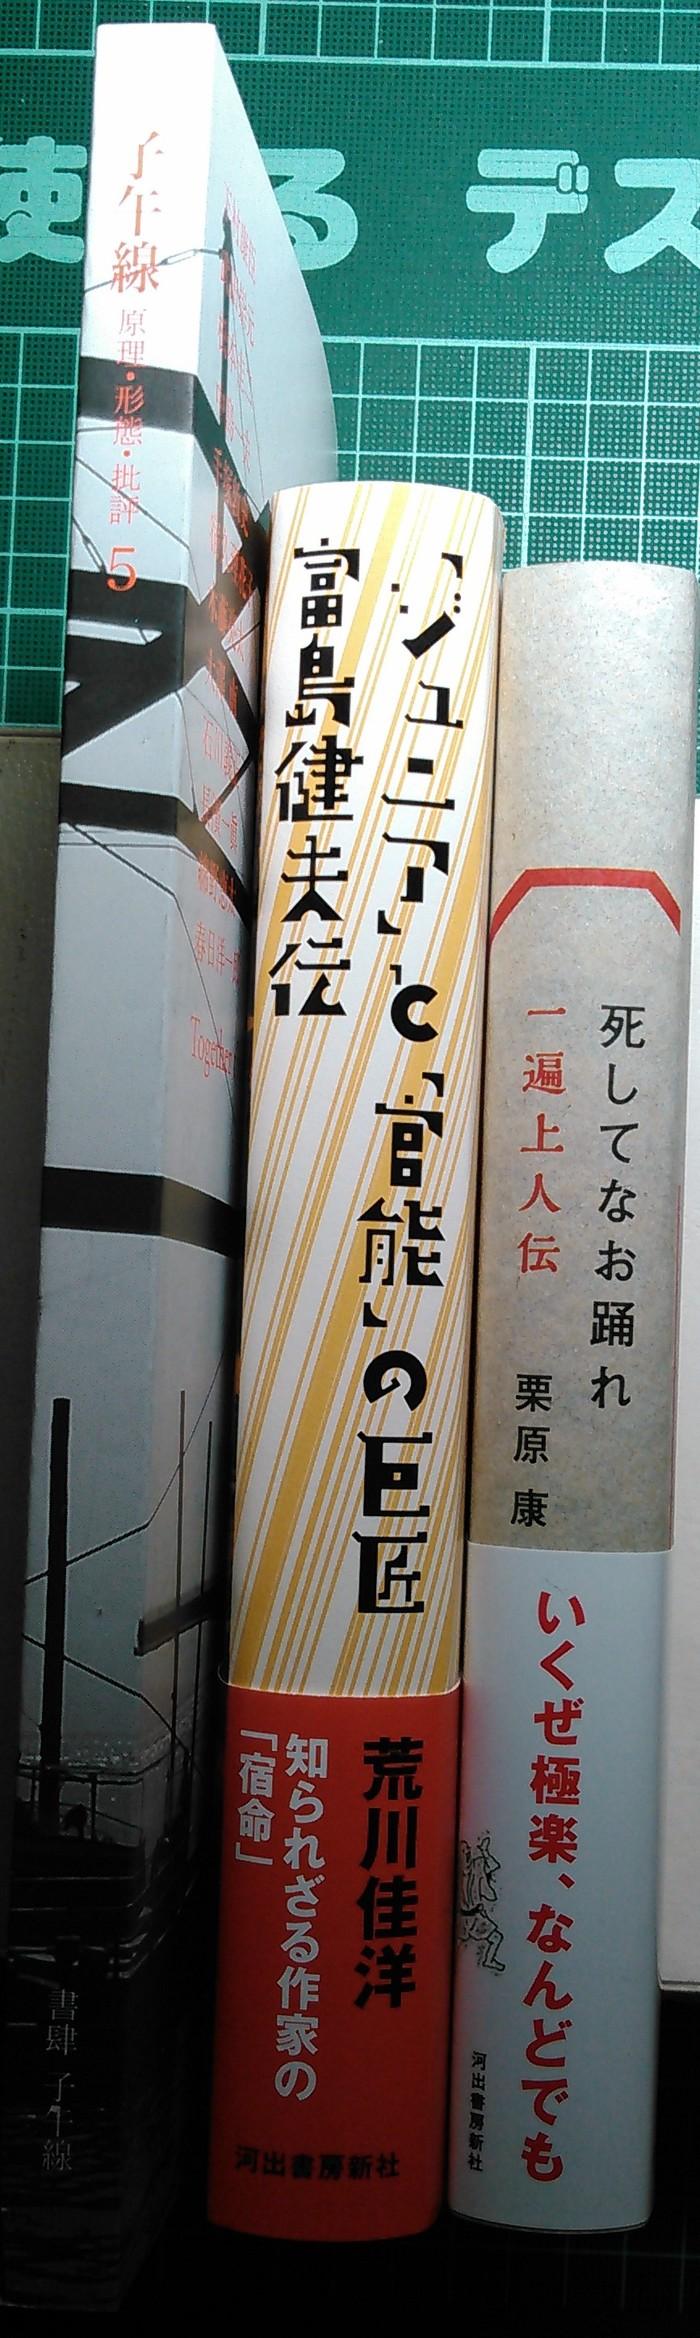 注目新刊:栗原康さんの一遍上人伝、ほか_a0018105_015358.jpg